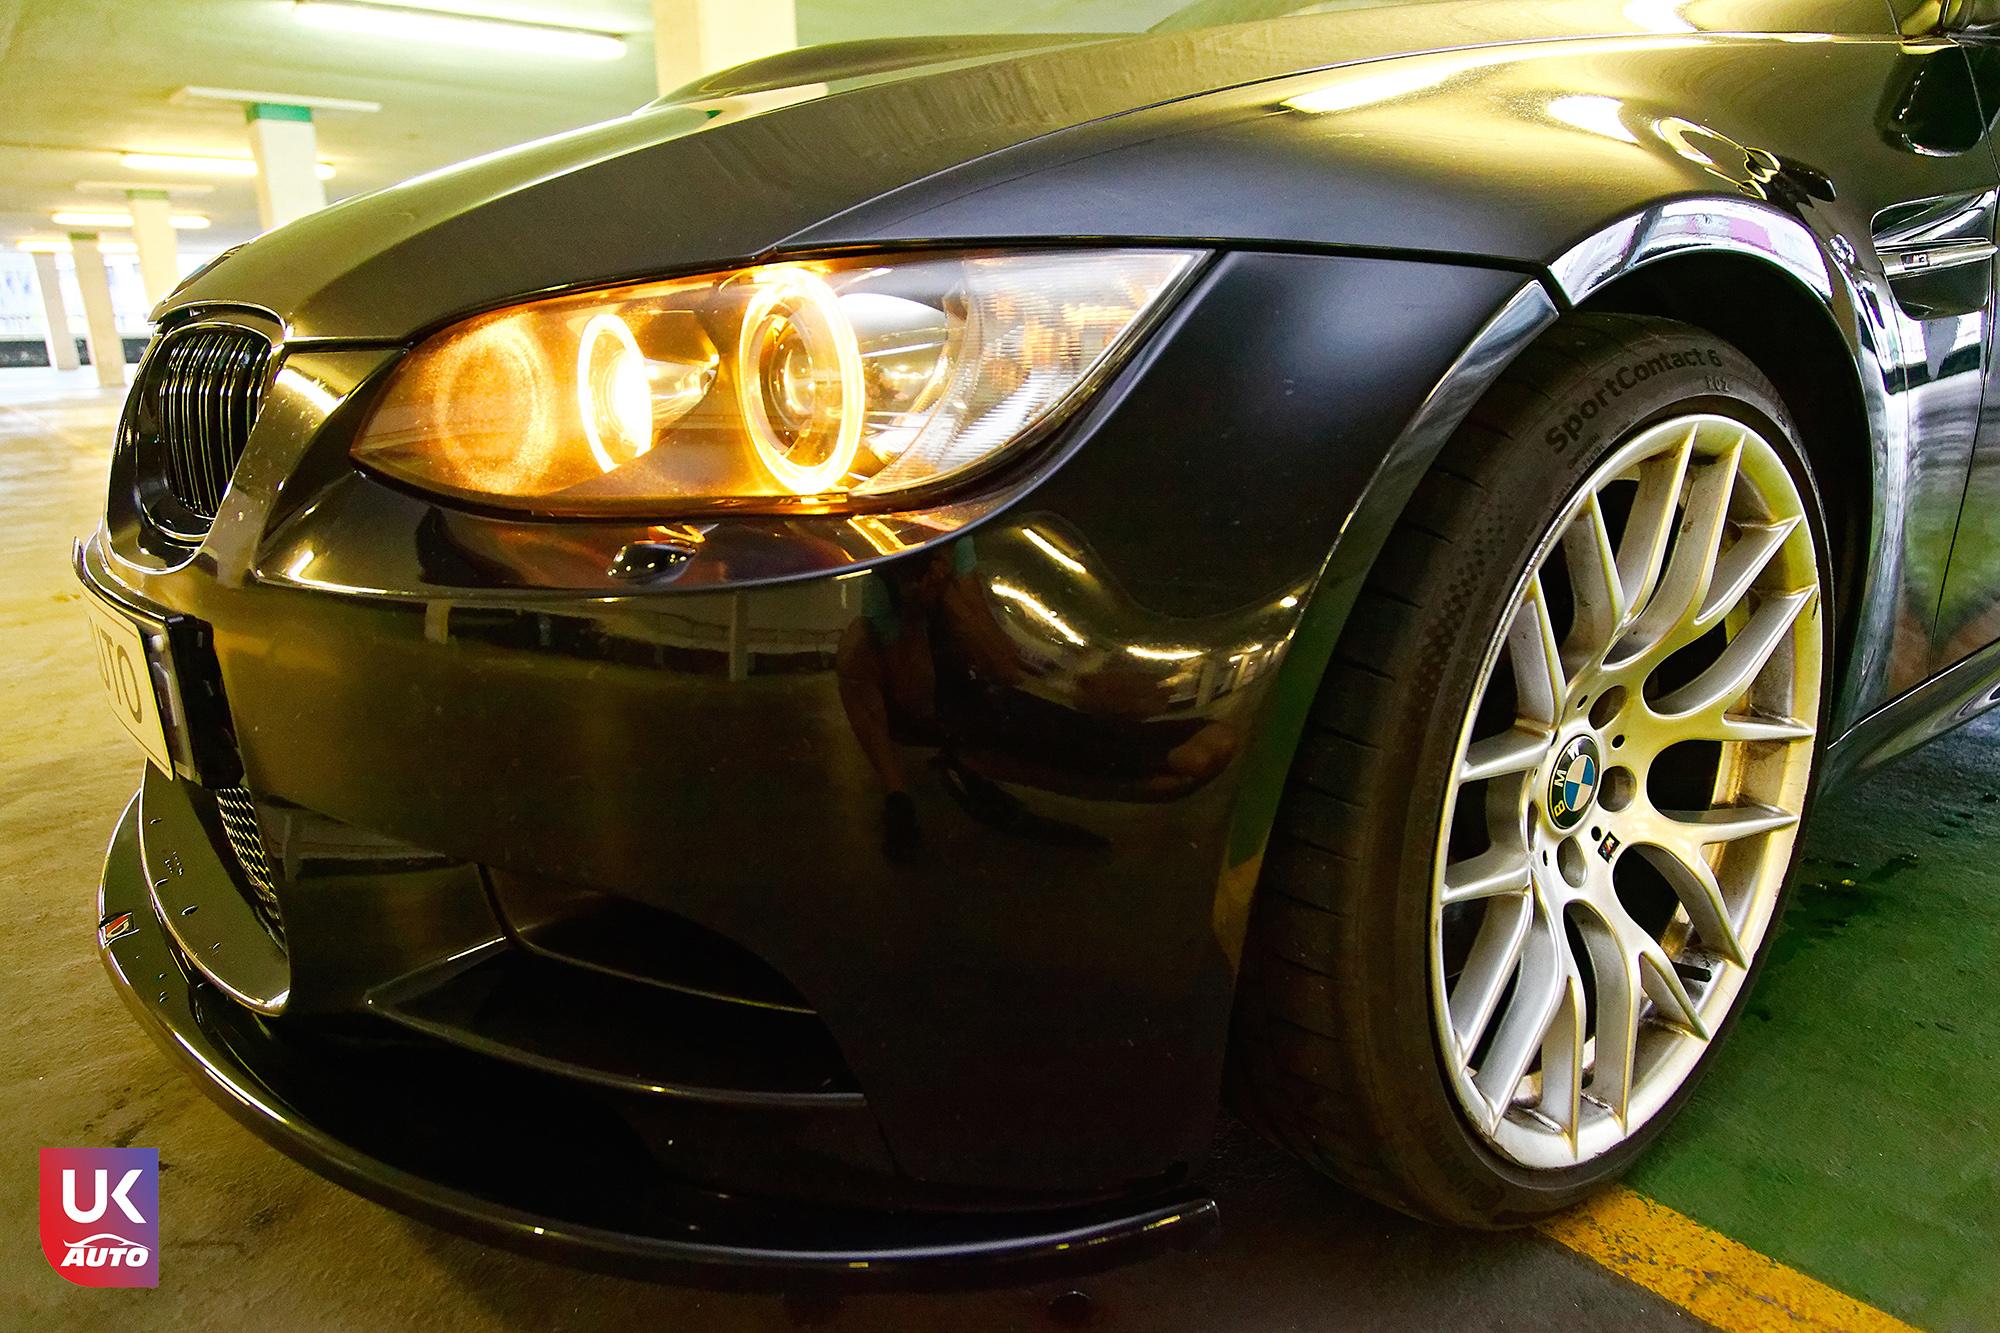 BMW m3 rhd ukauto importer voiture angleterre uk6 - Felecitation a Sylvain Pour cette BMW M3 E92 RHD pour avoir acheter une voiture en angleterre avant le brexit